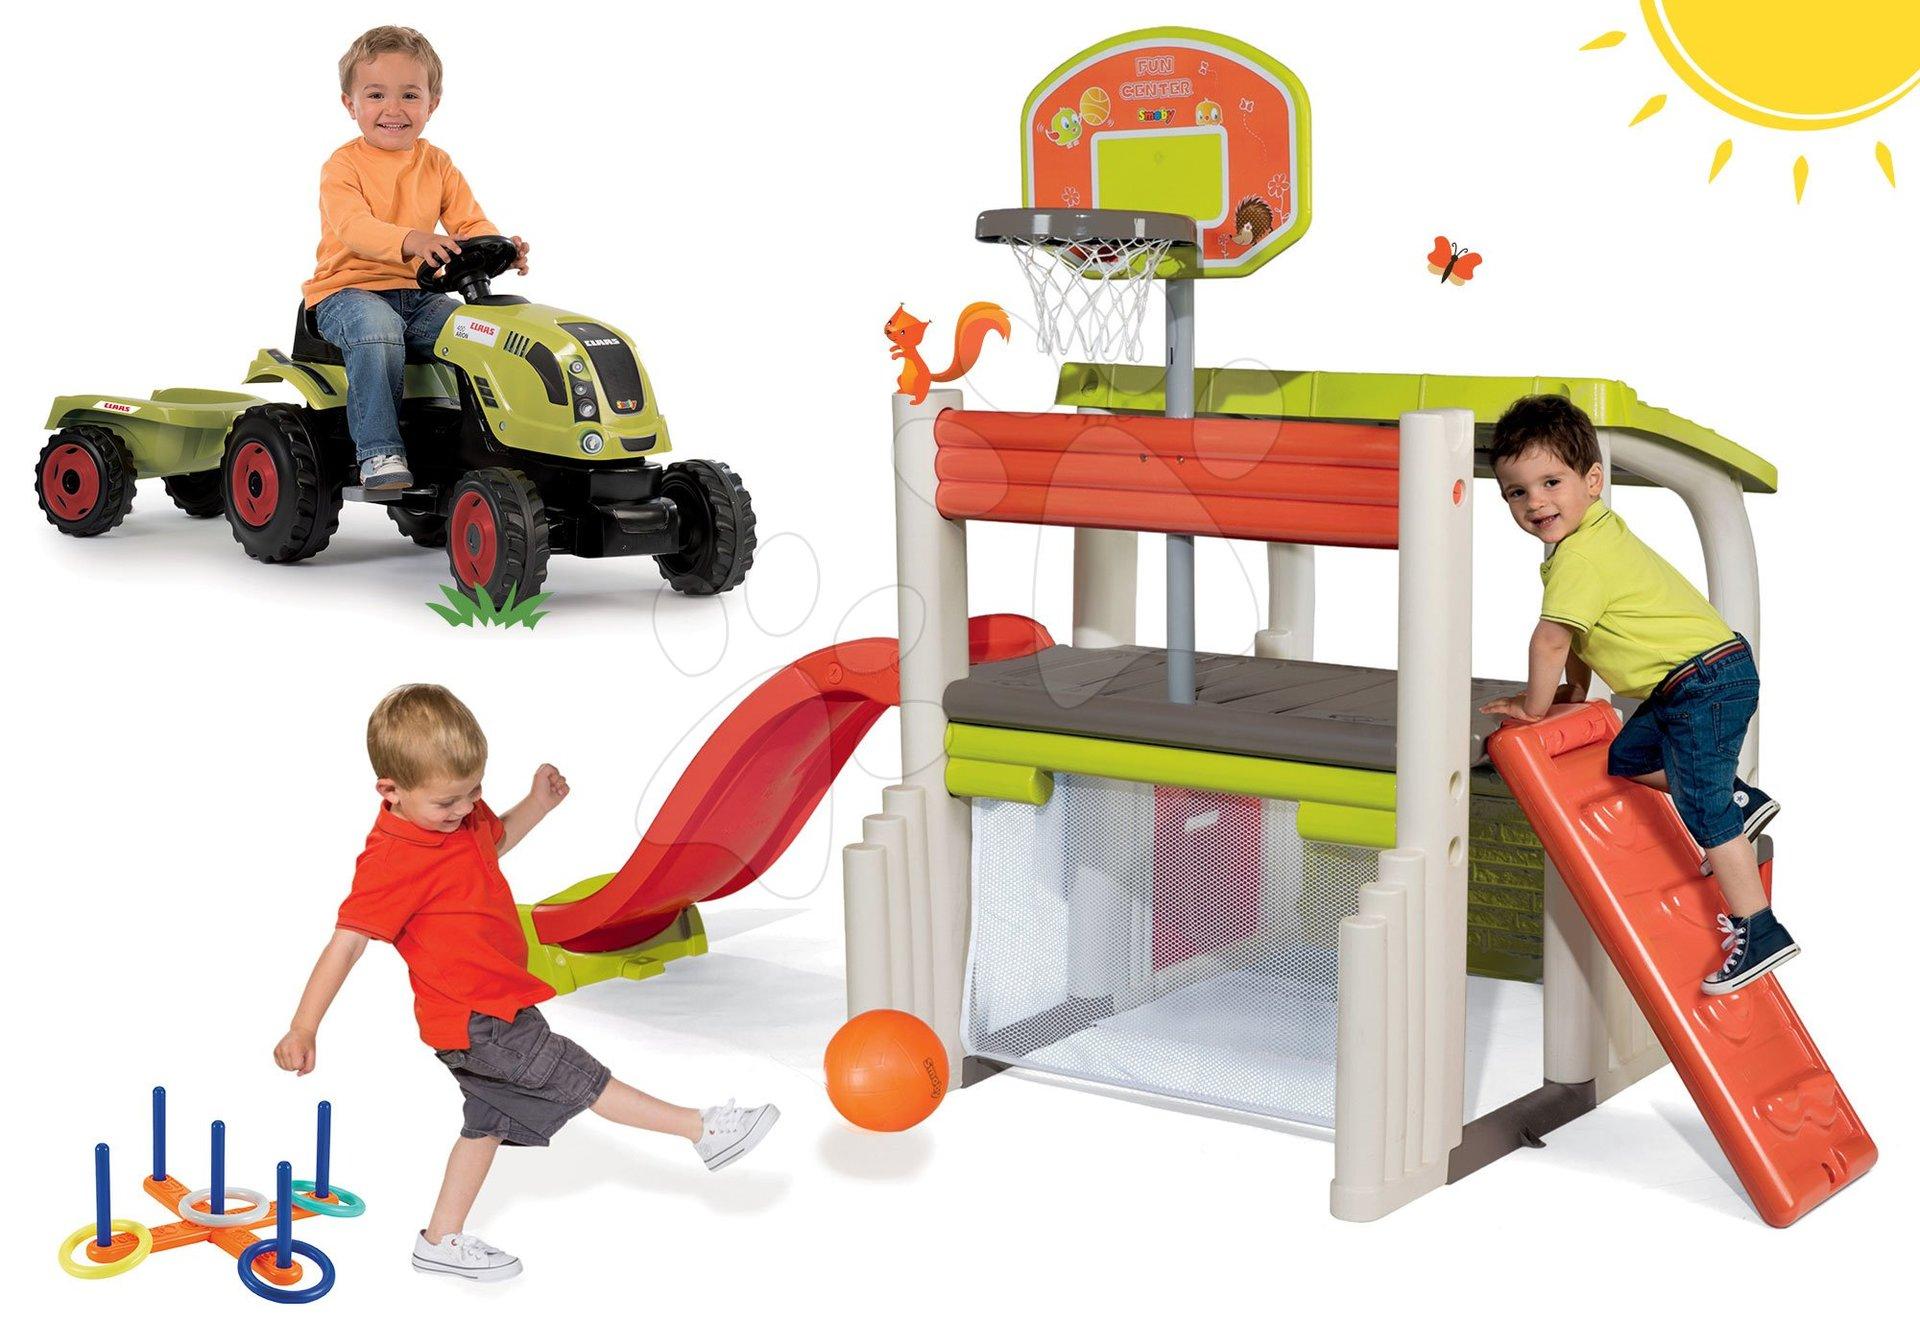 Set hrací centrum Fun Center se skluzavkou Smoby dlouhou 150 cm, traktor Claas Farmer XL a kruhy na házení od 24 měsíců